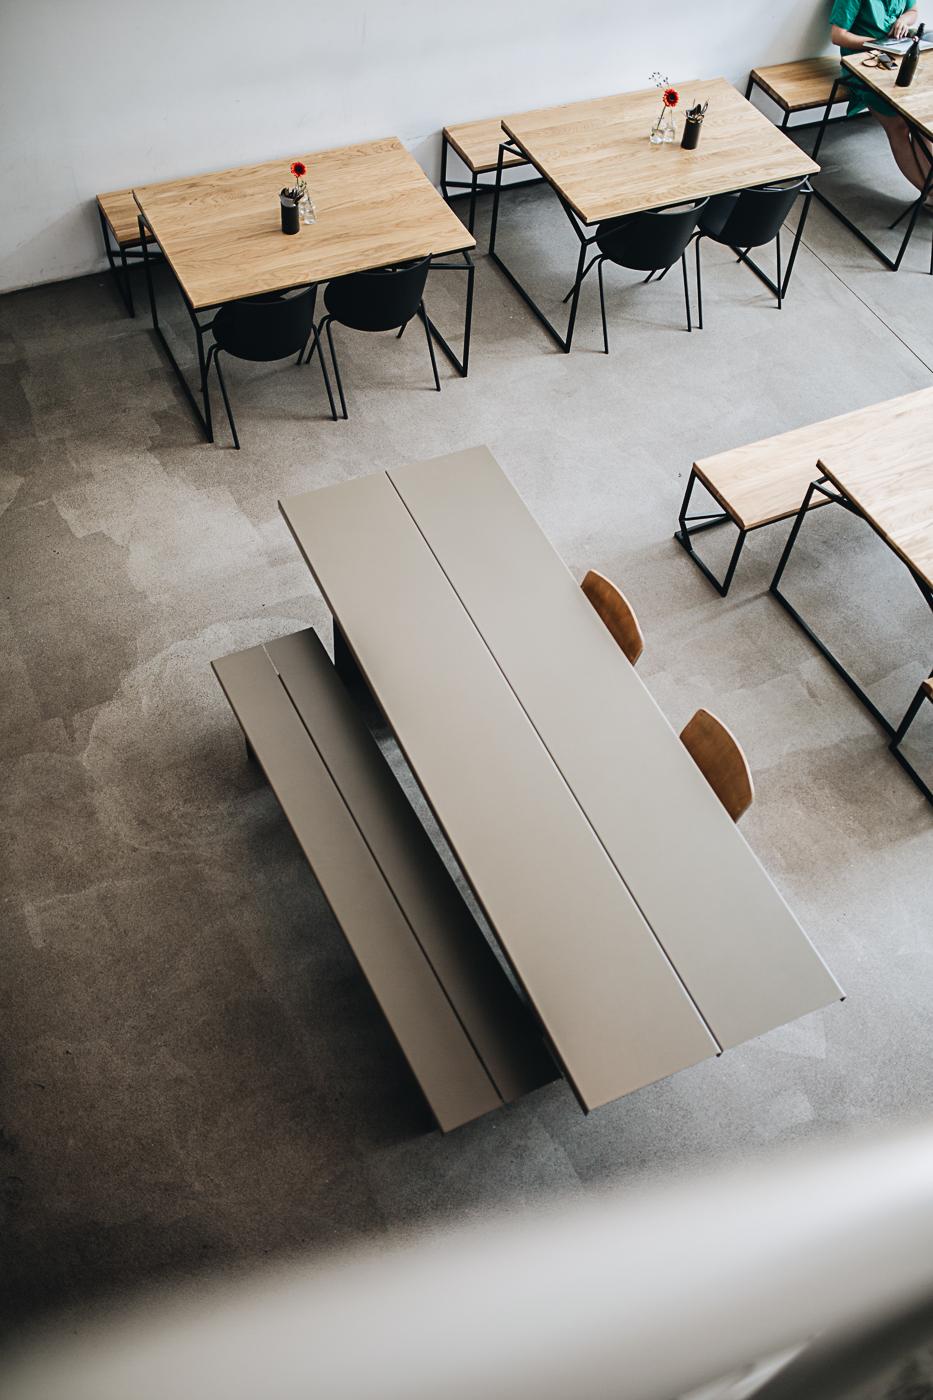 ZEBE Bank  und Tisch:  Objekteunserertage